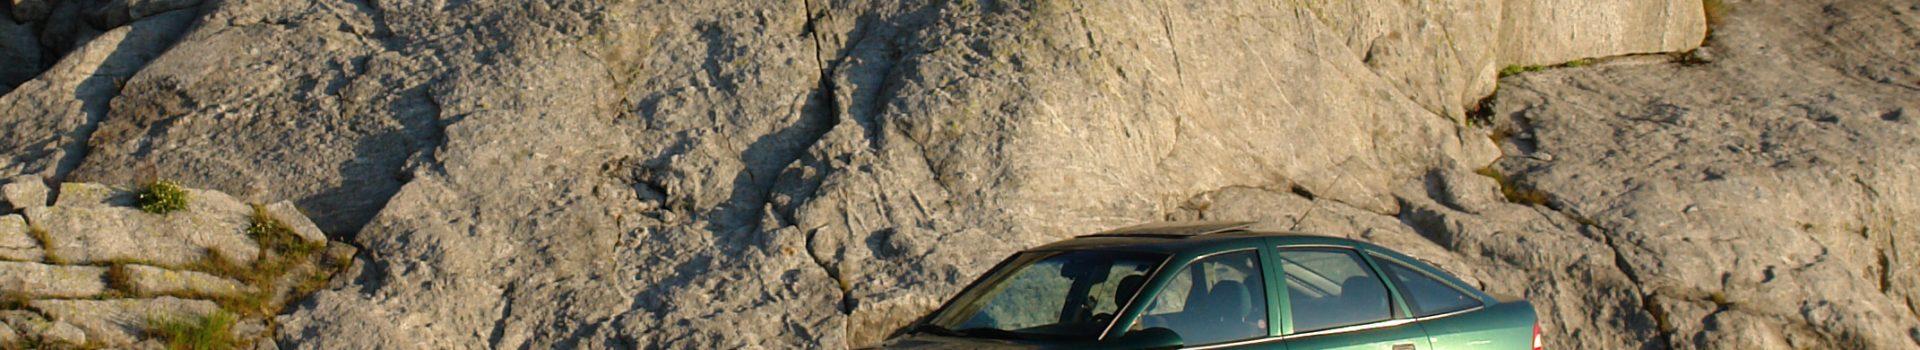 Wieder einen Vectra zerstört – Opel-Blitzkauf!